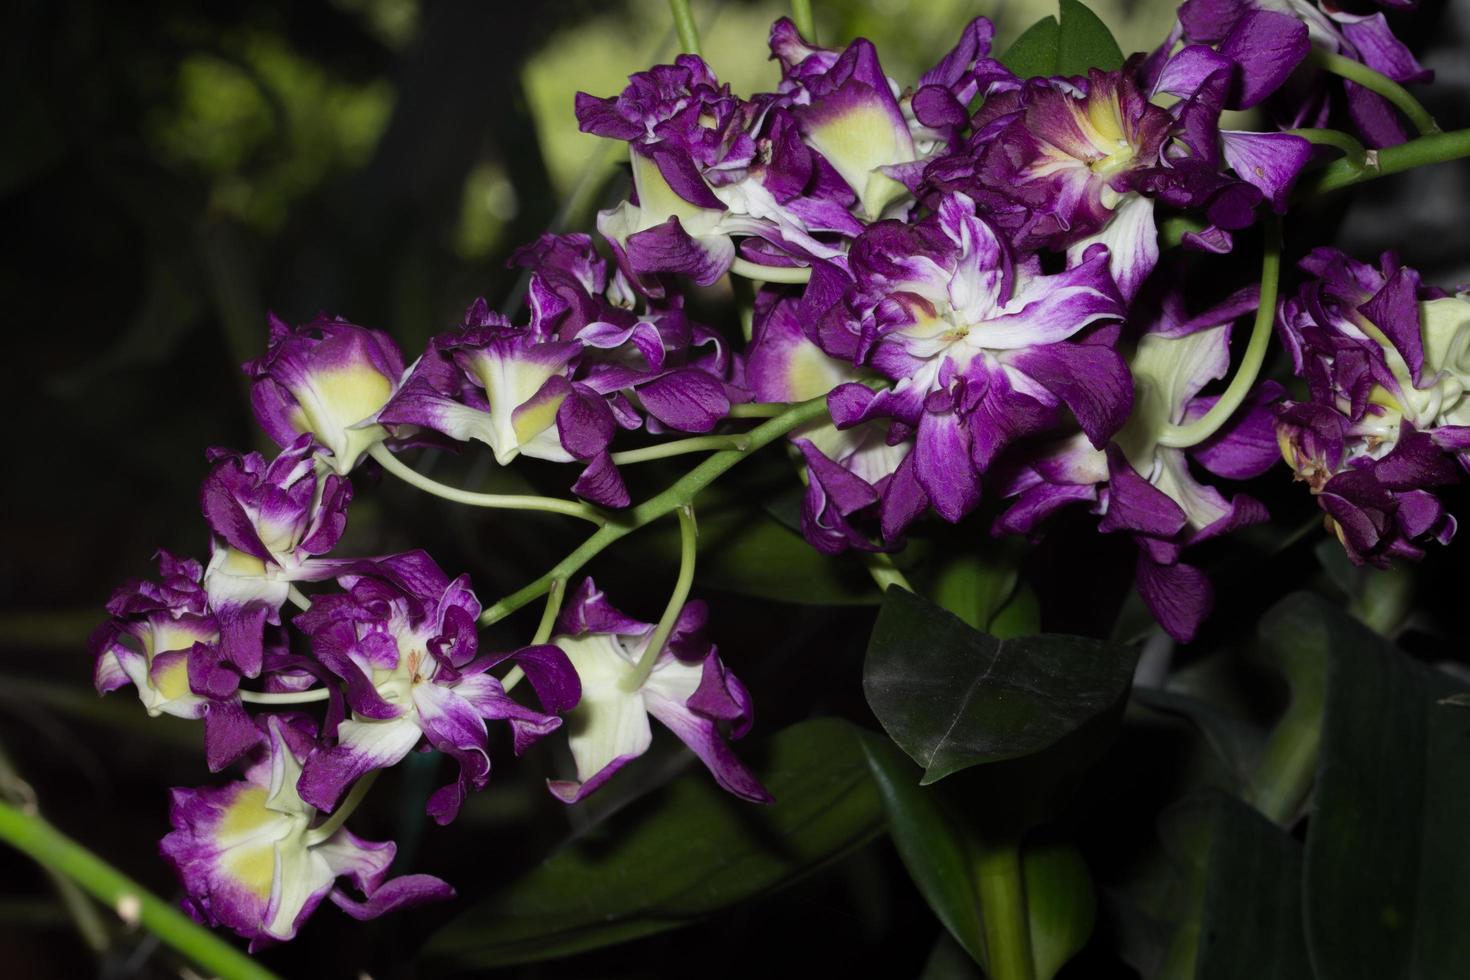 fiori di orchidea viola foto